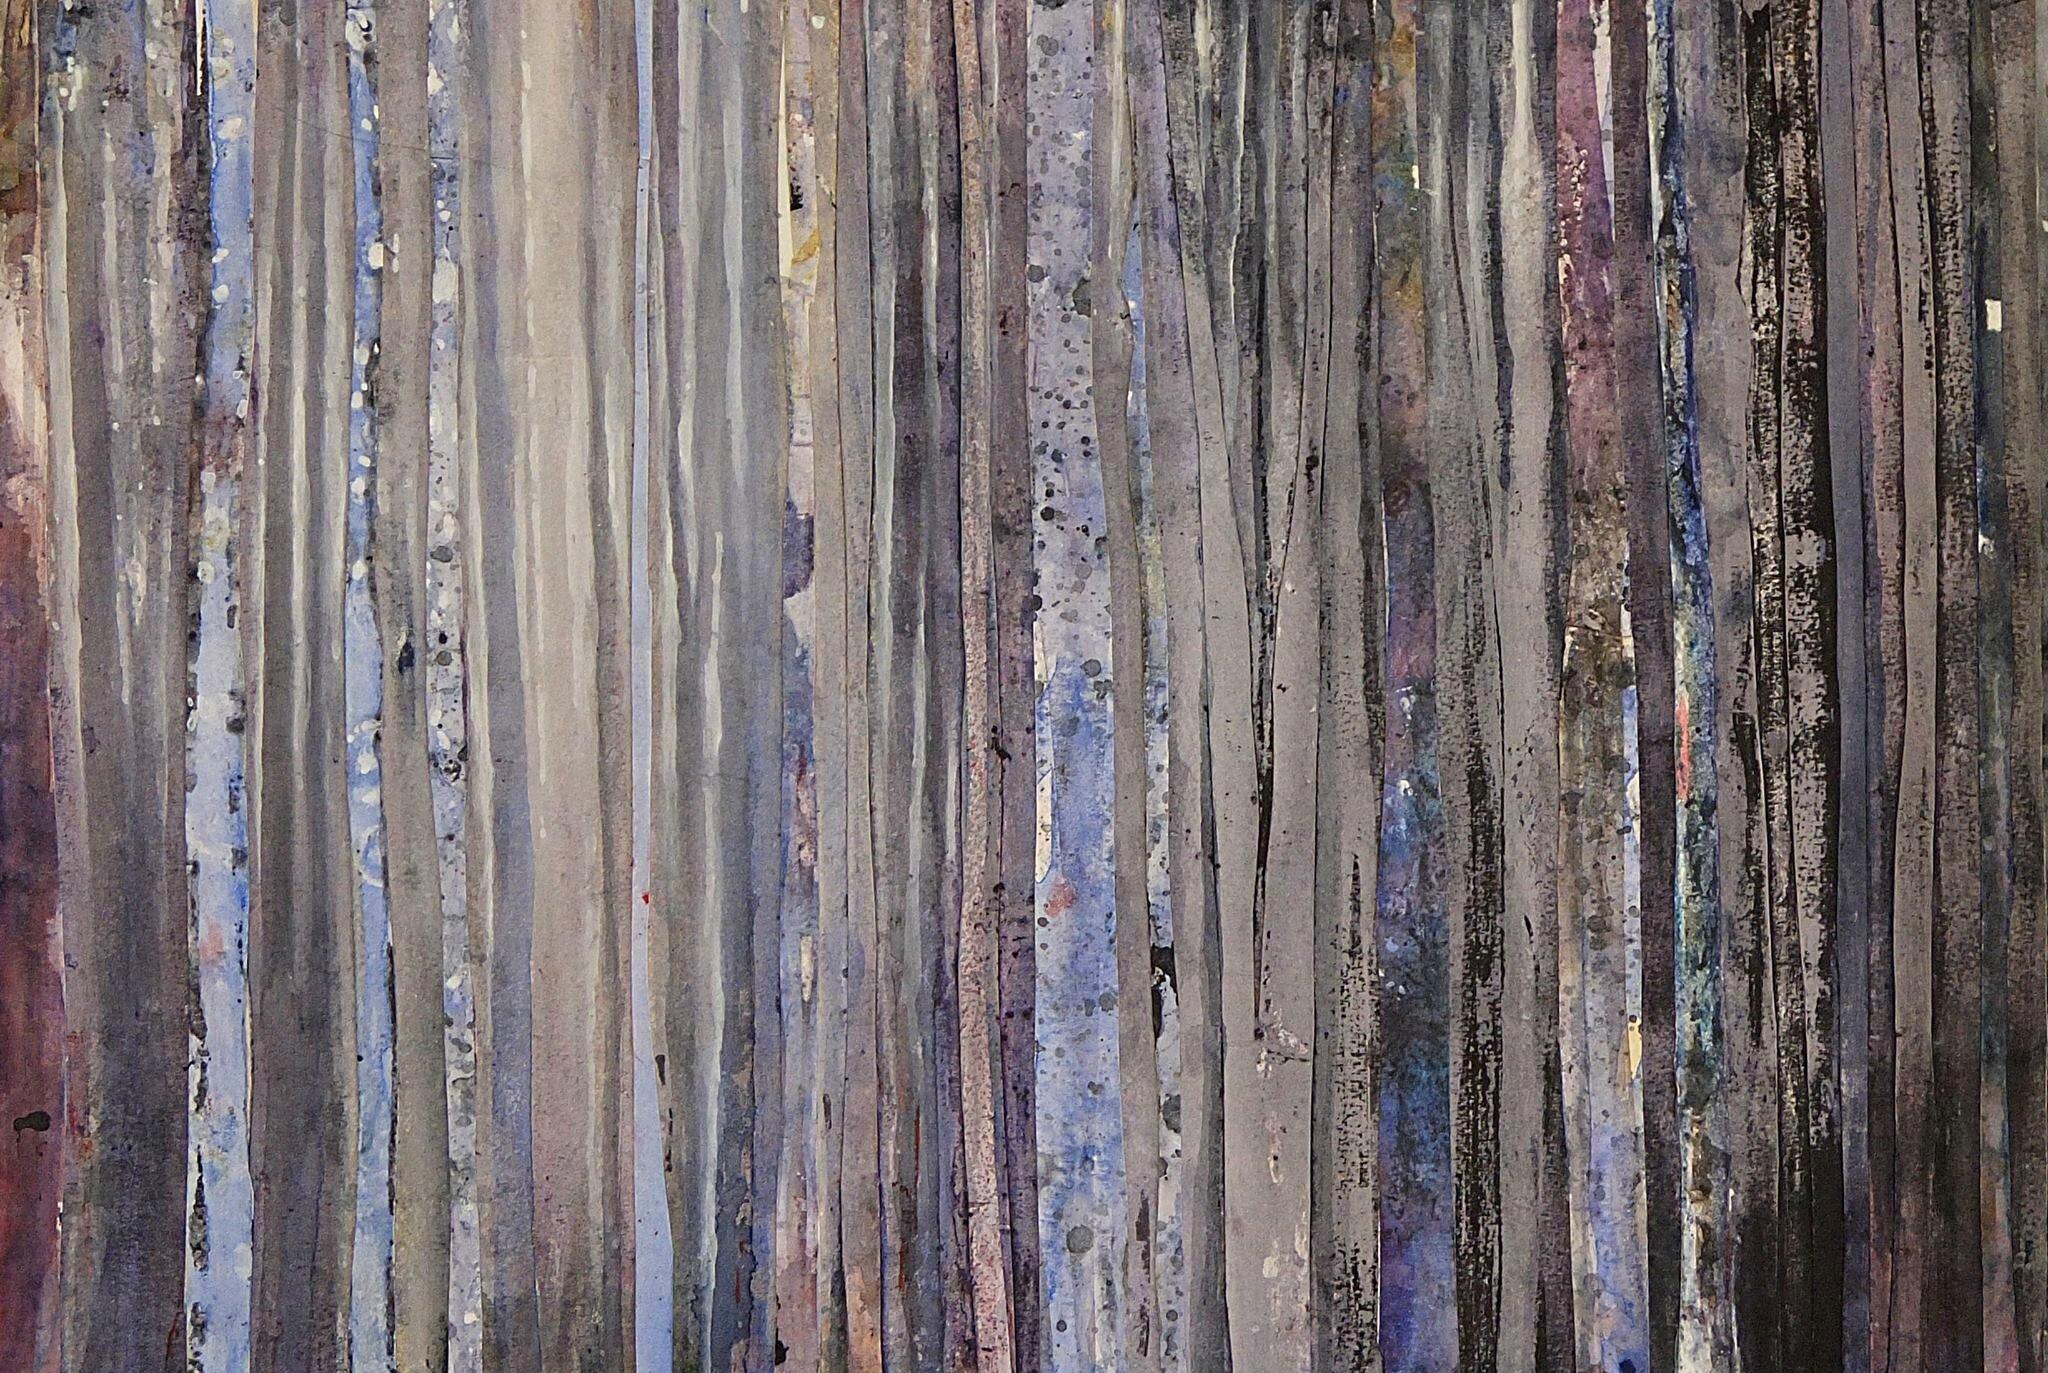 Forêt #60, avril 2016, techniques mixtes, 52 x 39 cm